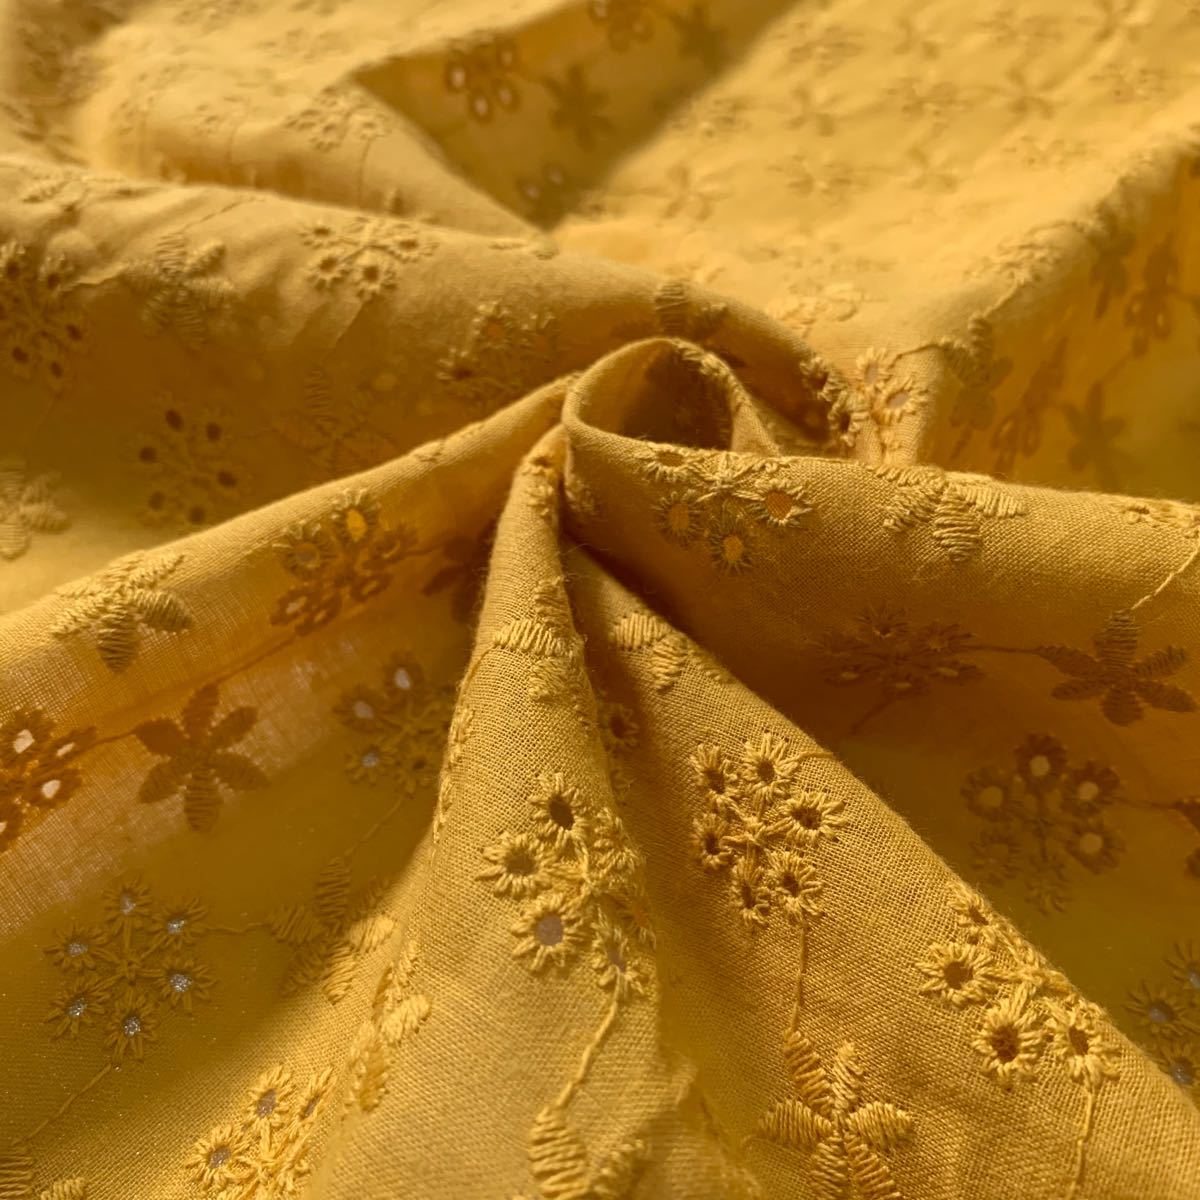 コットンレース 綿レース 刺繍生地 はぎれセット 花柄 ハンドメイド 布